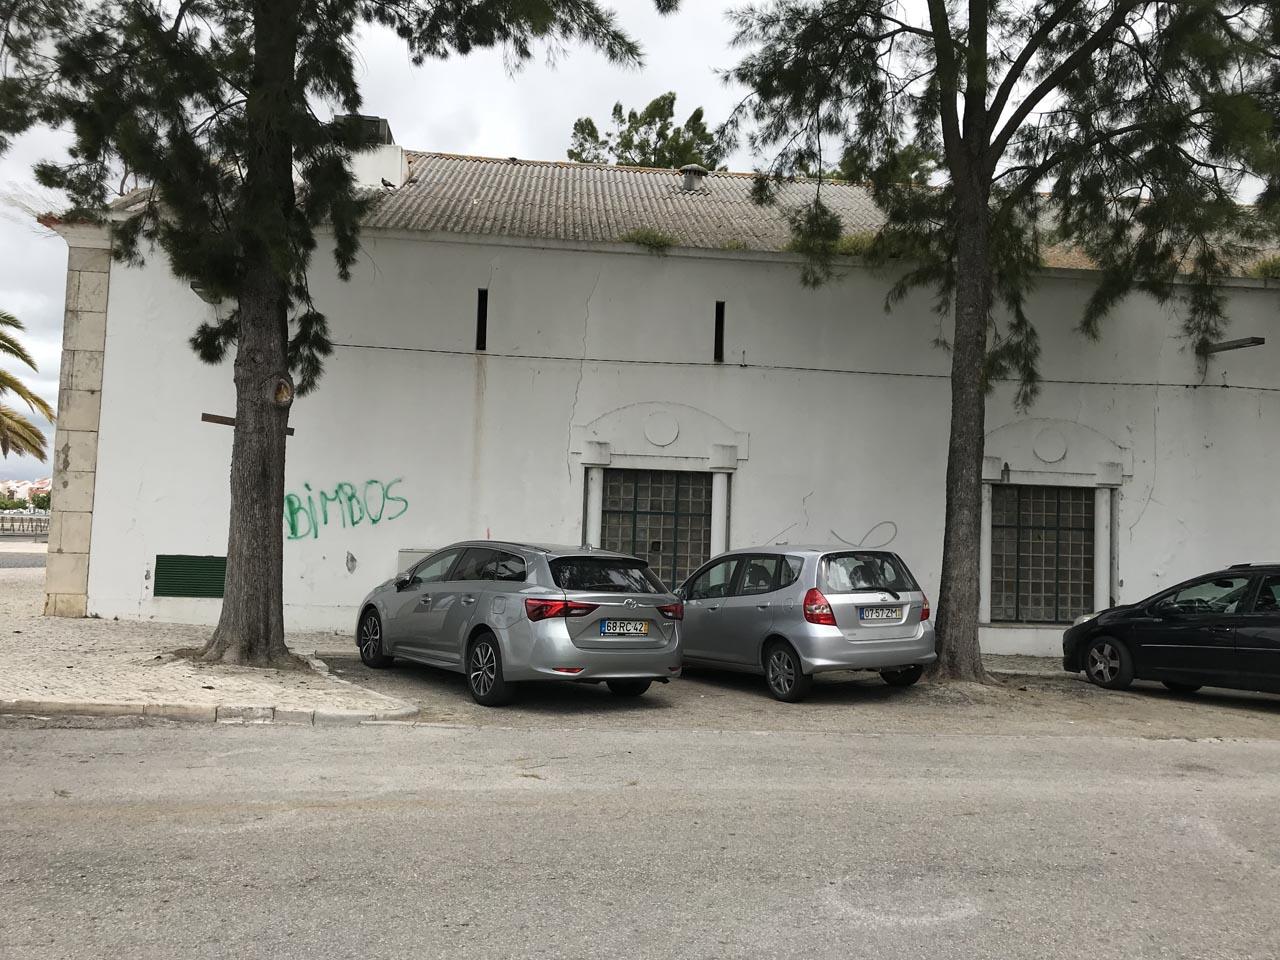 https://www.araujo-arquitectura.pt/wp-content/uploads/2020/12/IMG_7016.jpg